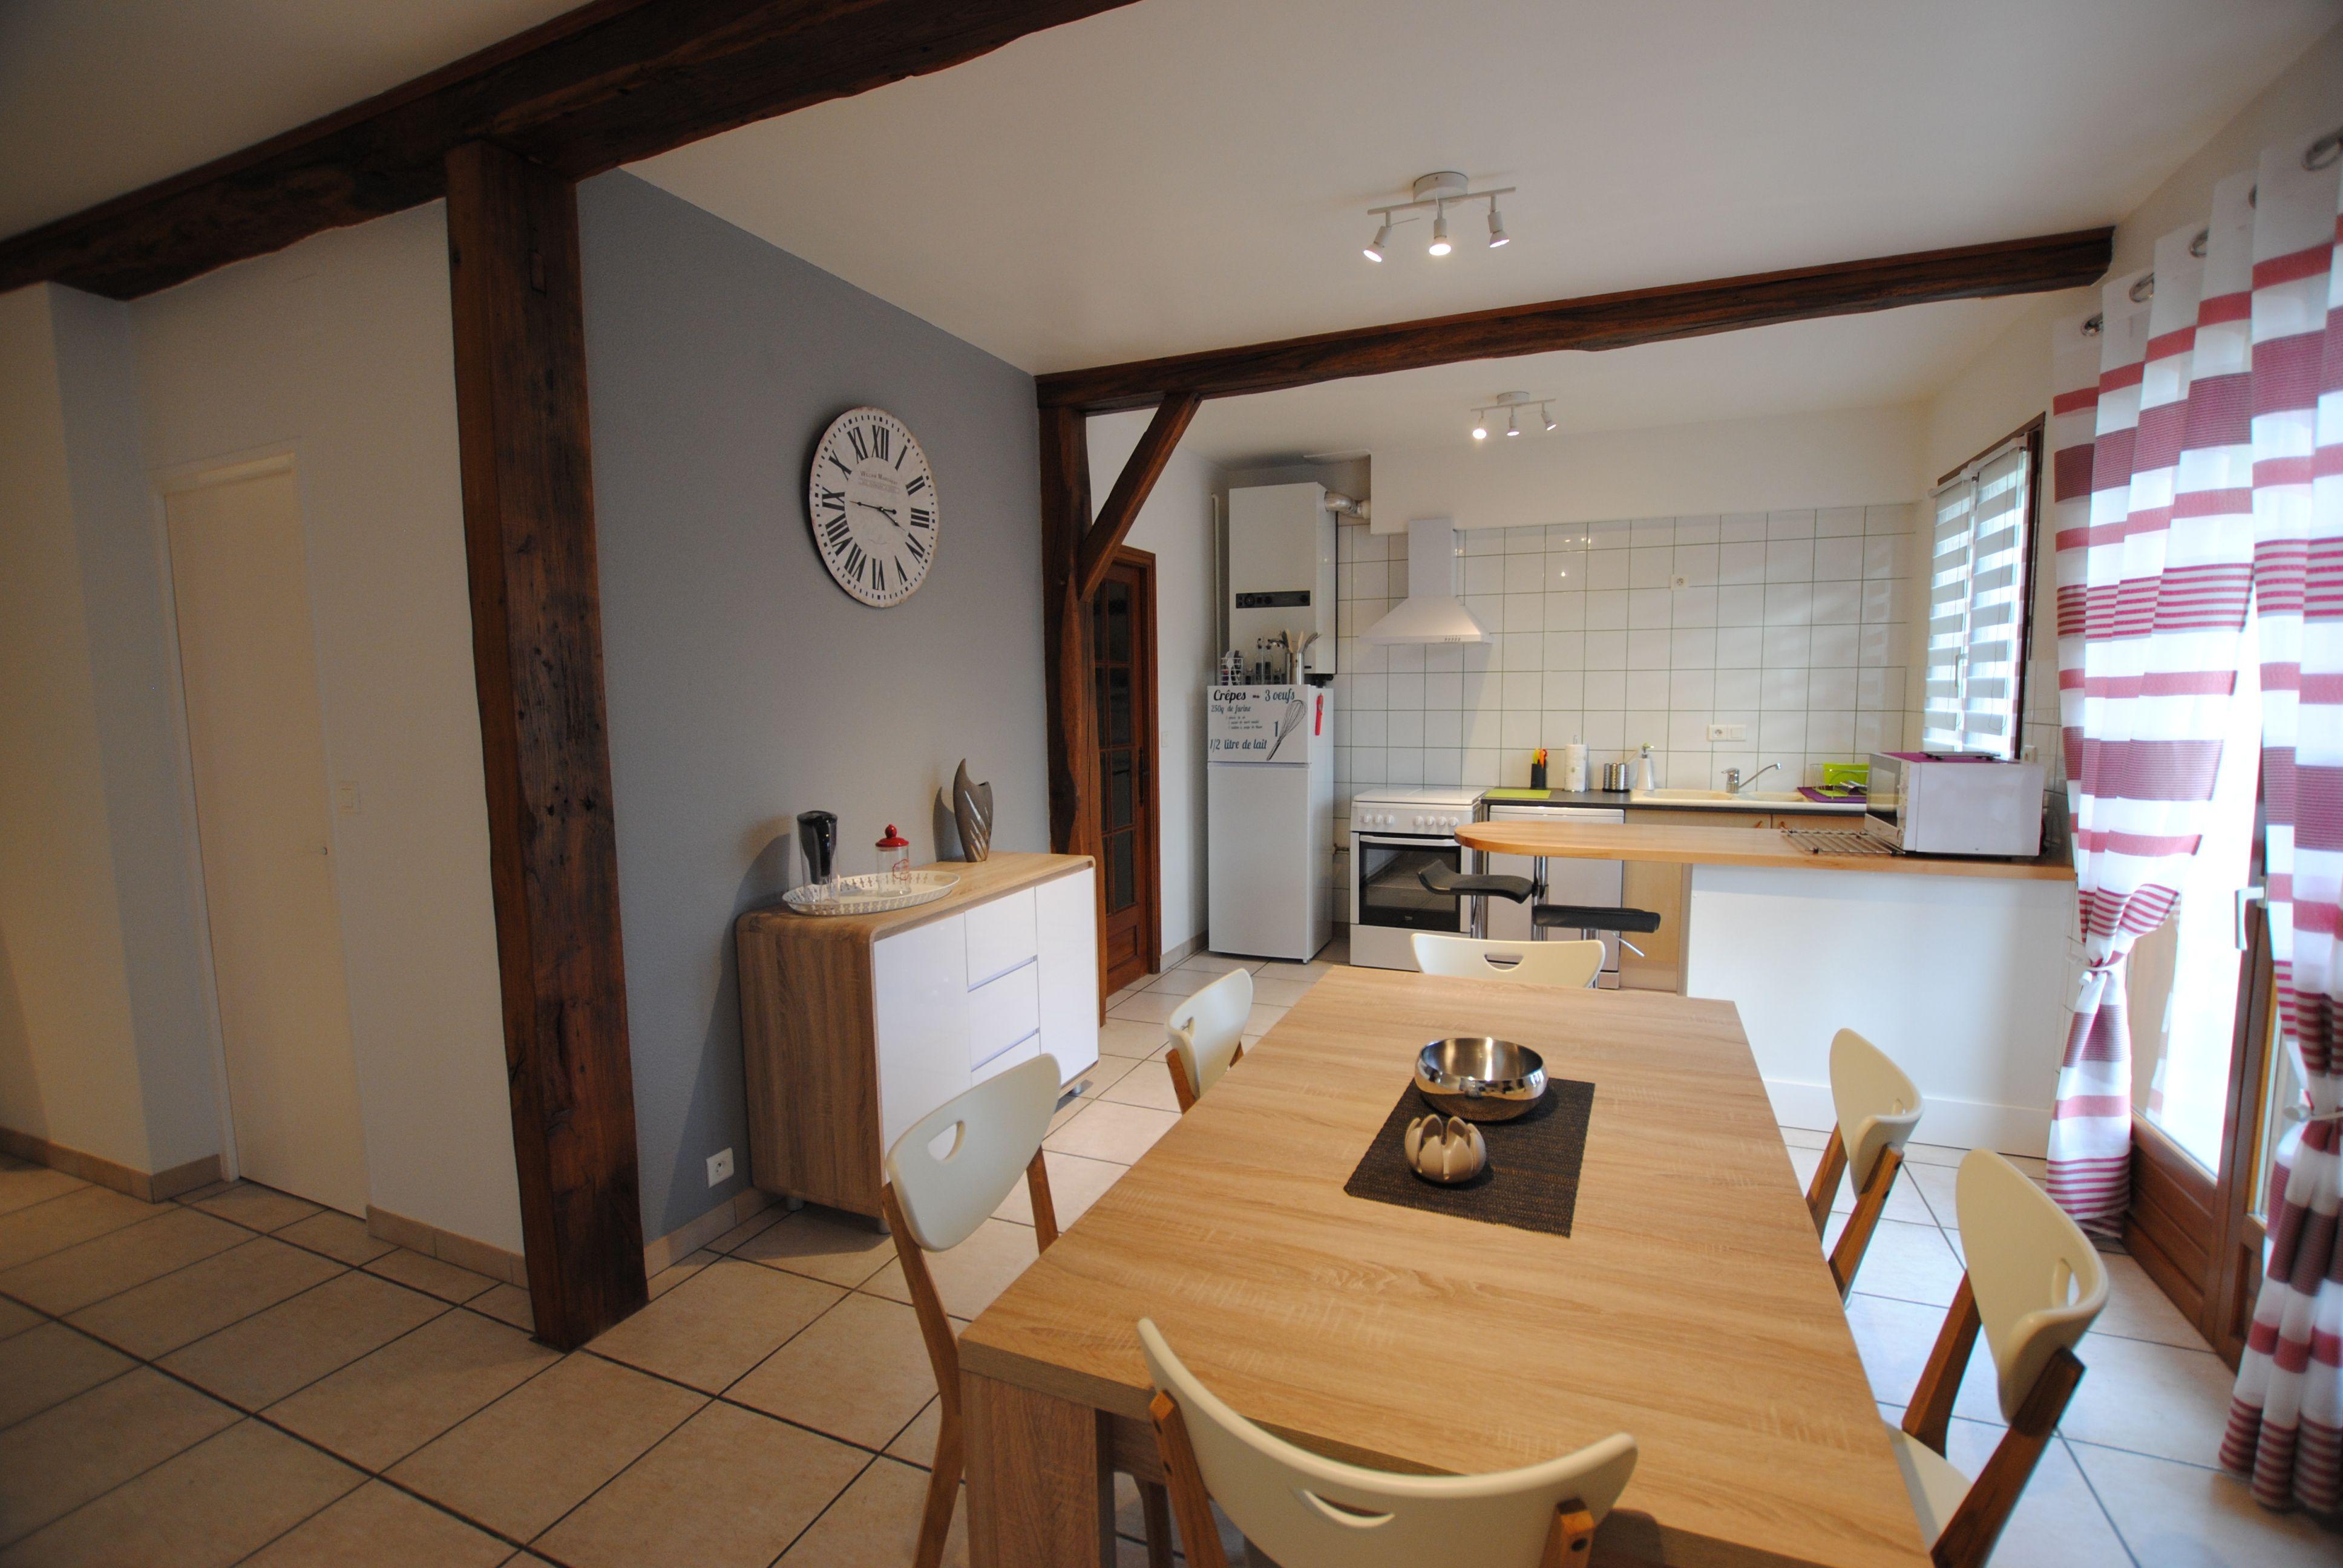 vue repas cuisine 51G485 - Chez Bri-Gîte - Loisy sur Marne - Gîtes de France Marne